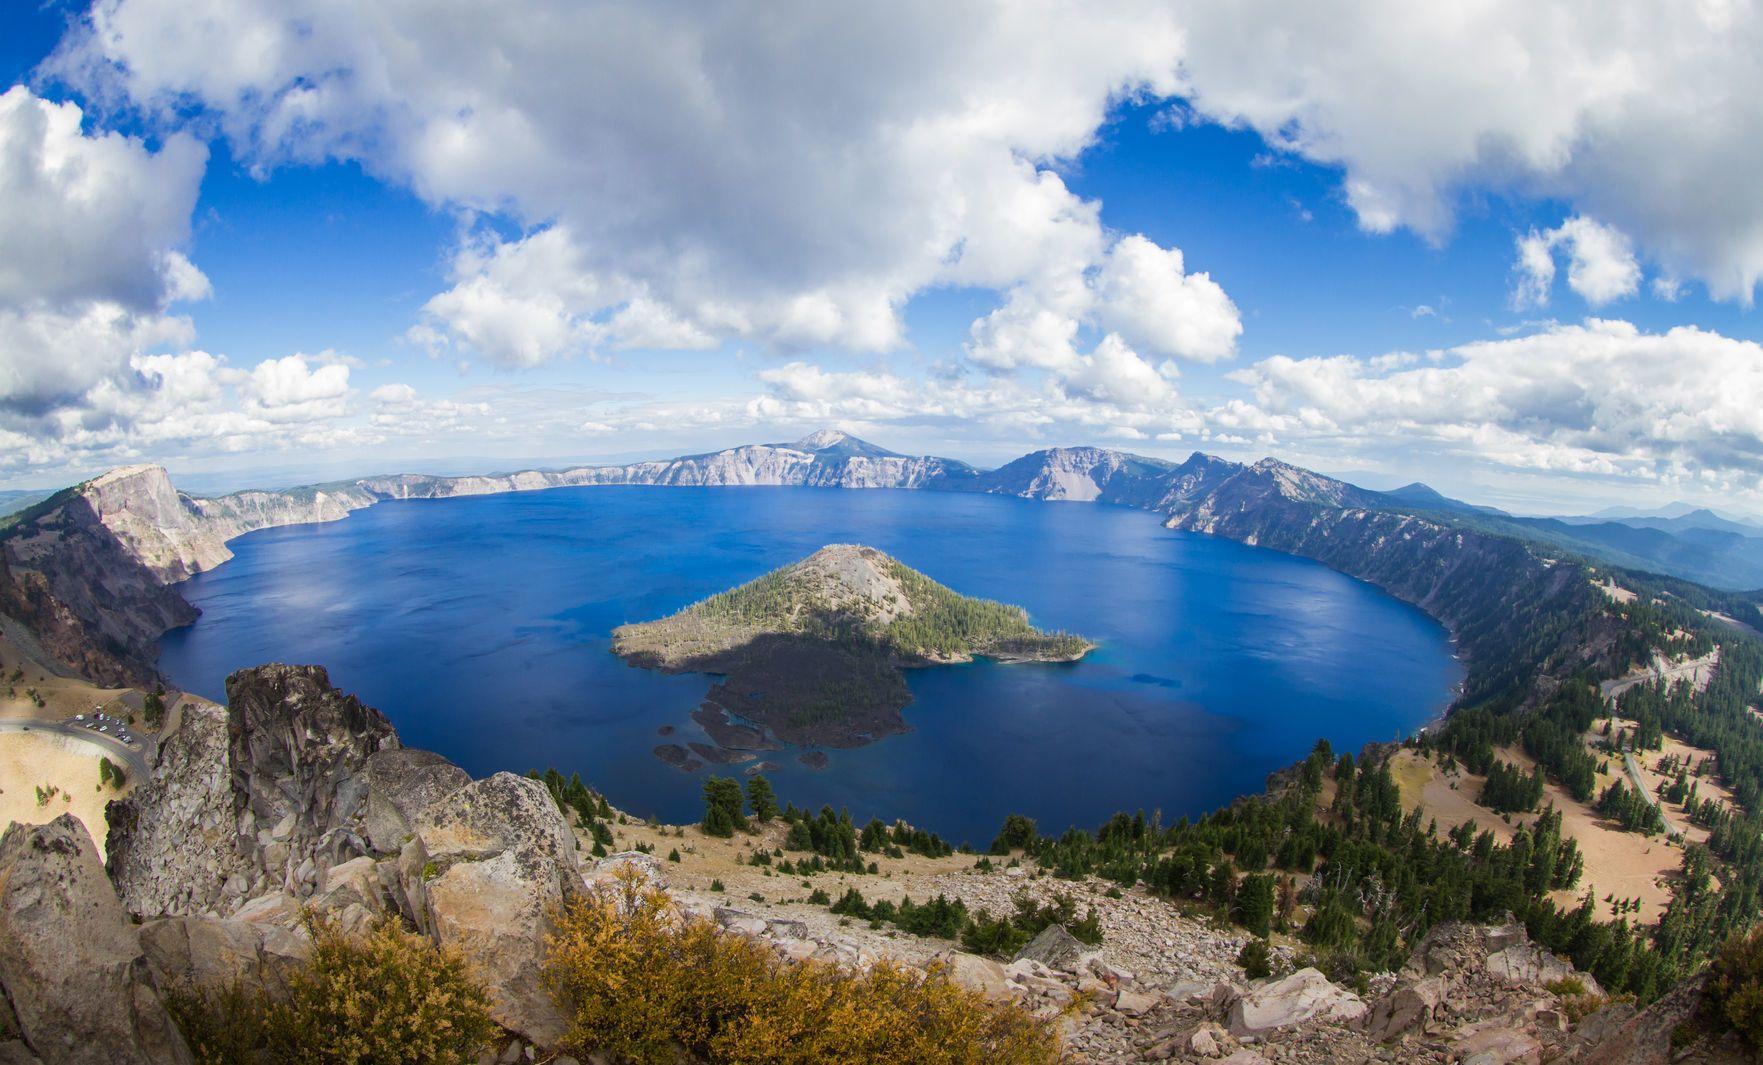 Crater Lake v Oregonu   wollertz/123RF.com